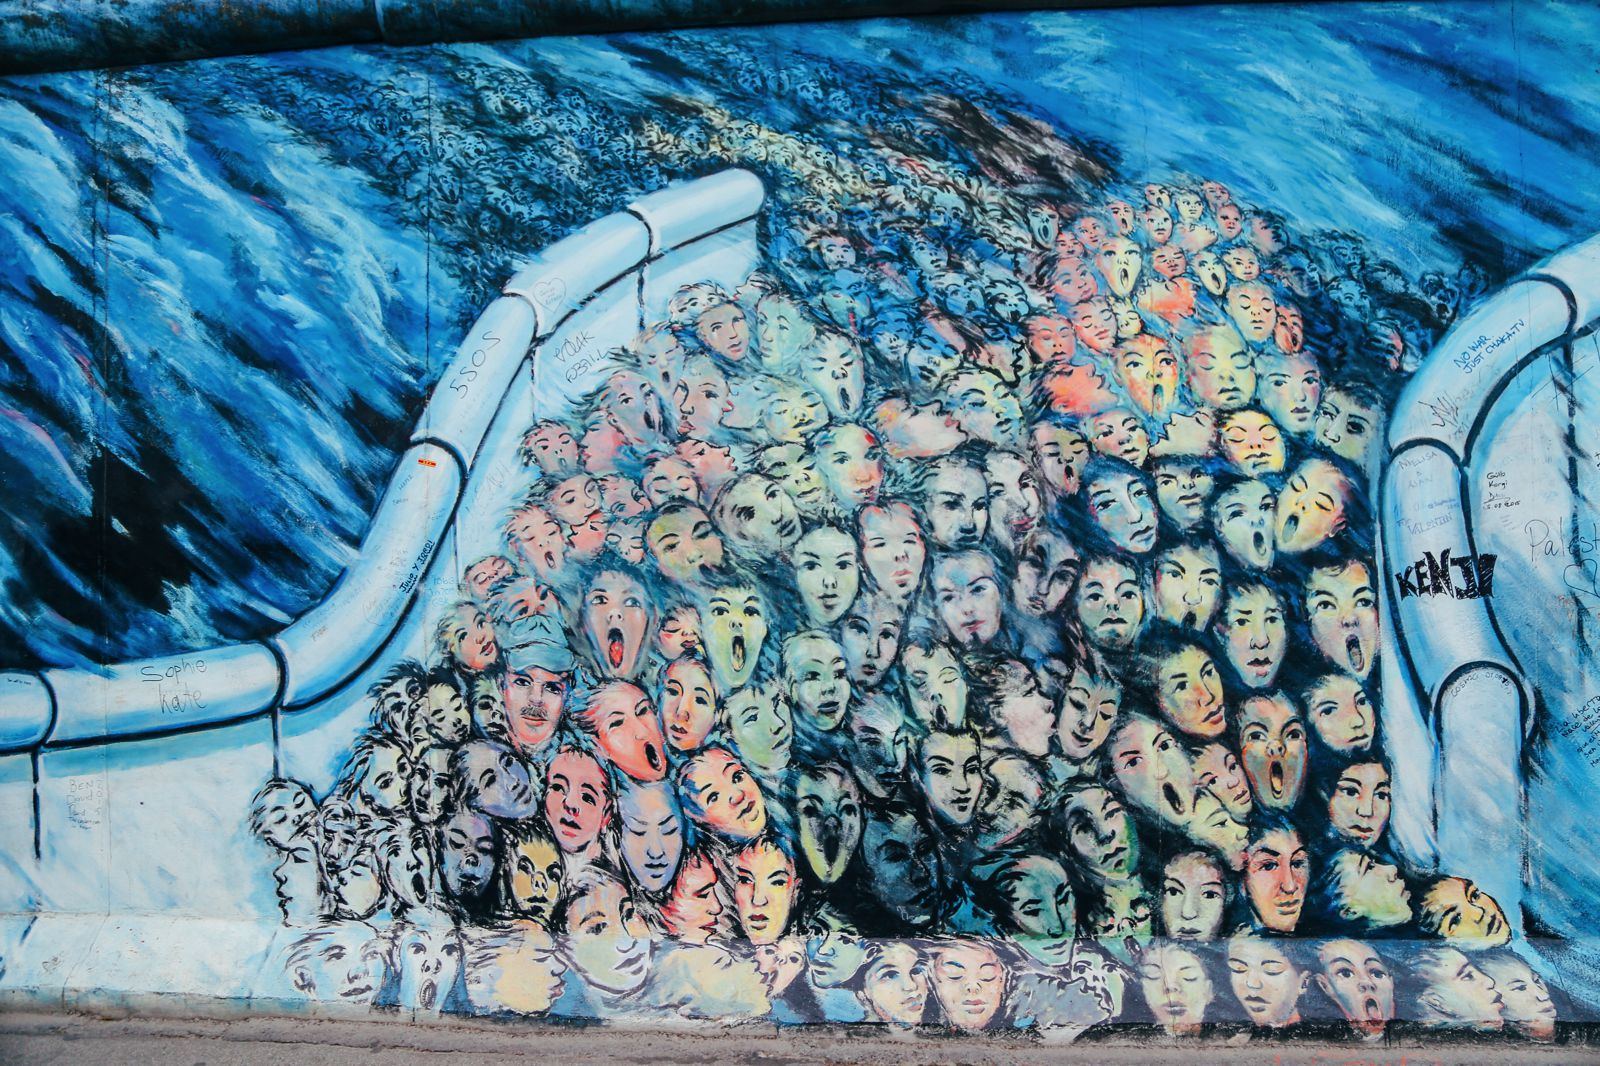 East Side Gallery, Berlin, Germany (25)